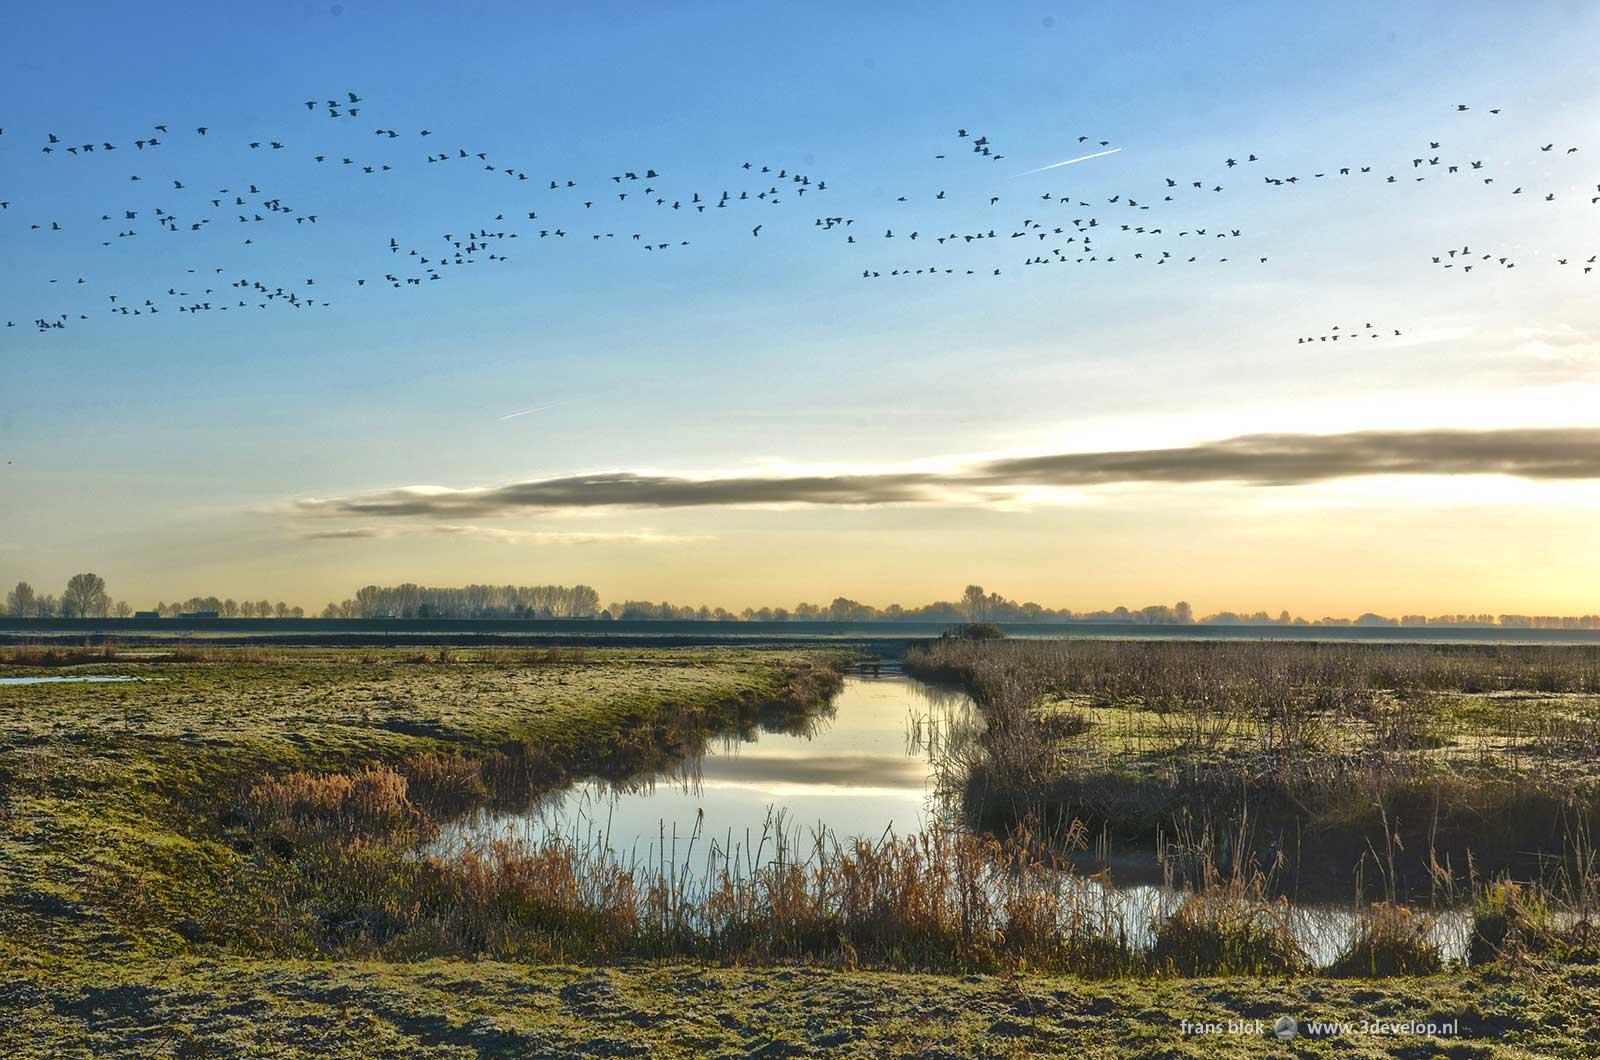 Foto van de Korendijkse Slikken op Paasochtend 2015: een sloot, berijpte velden en een vlucht ganzen